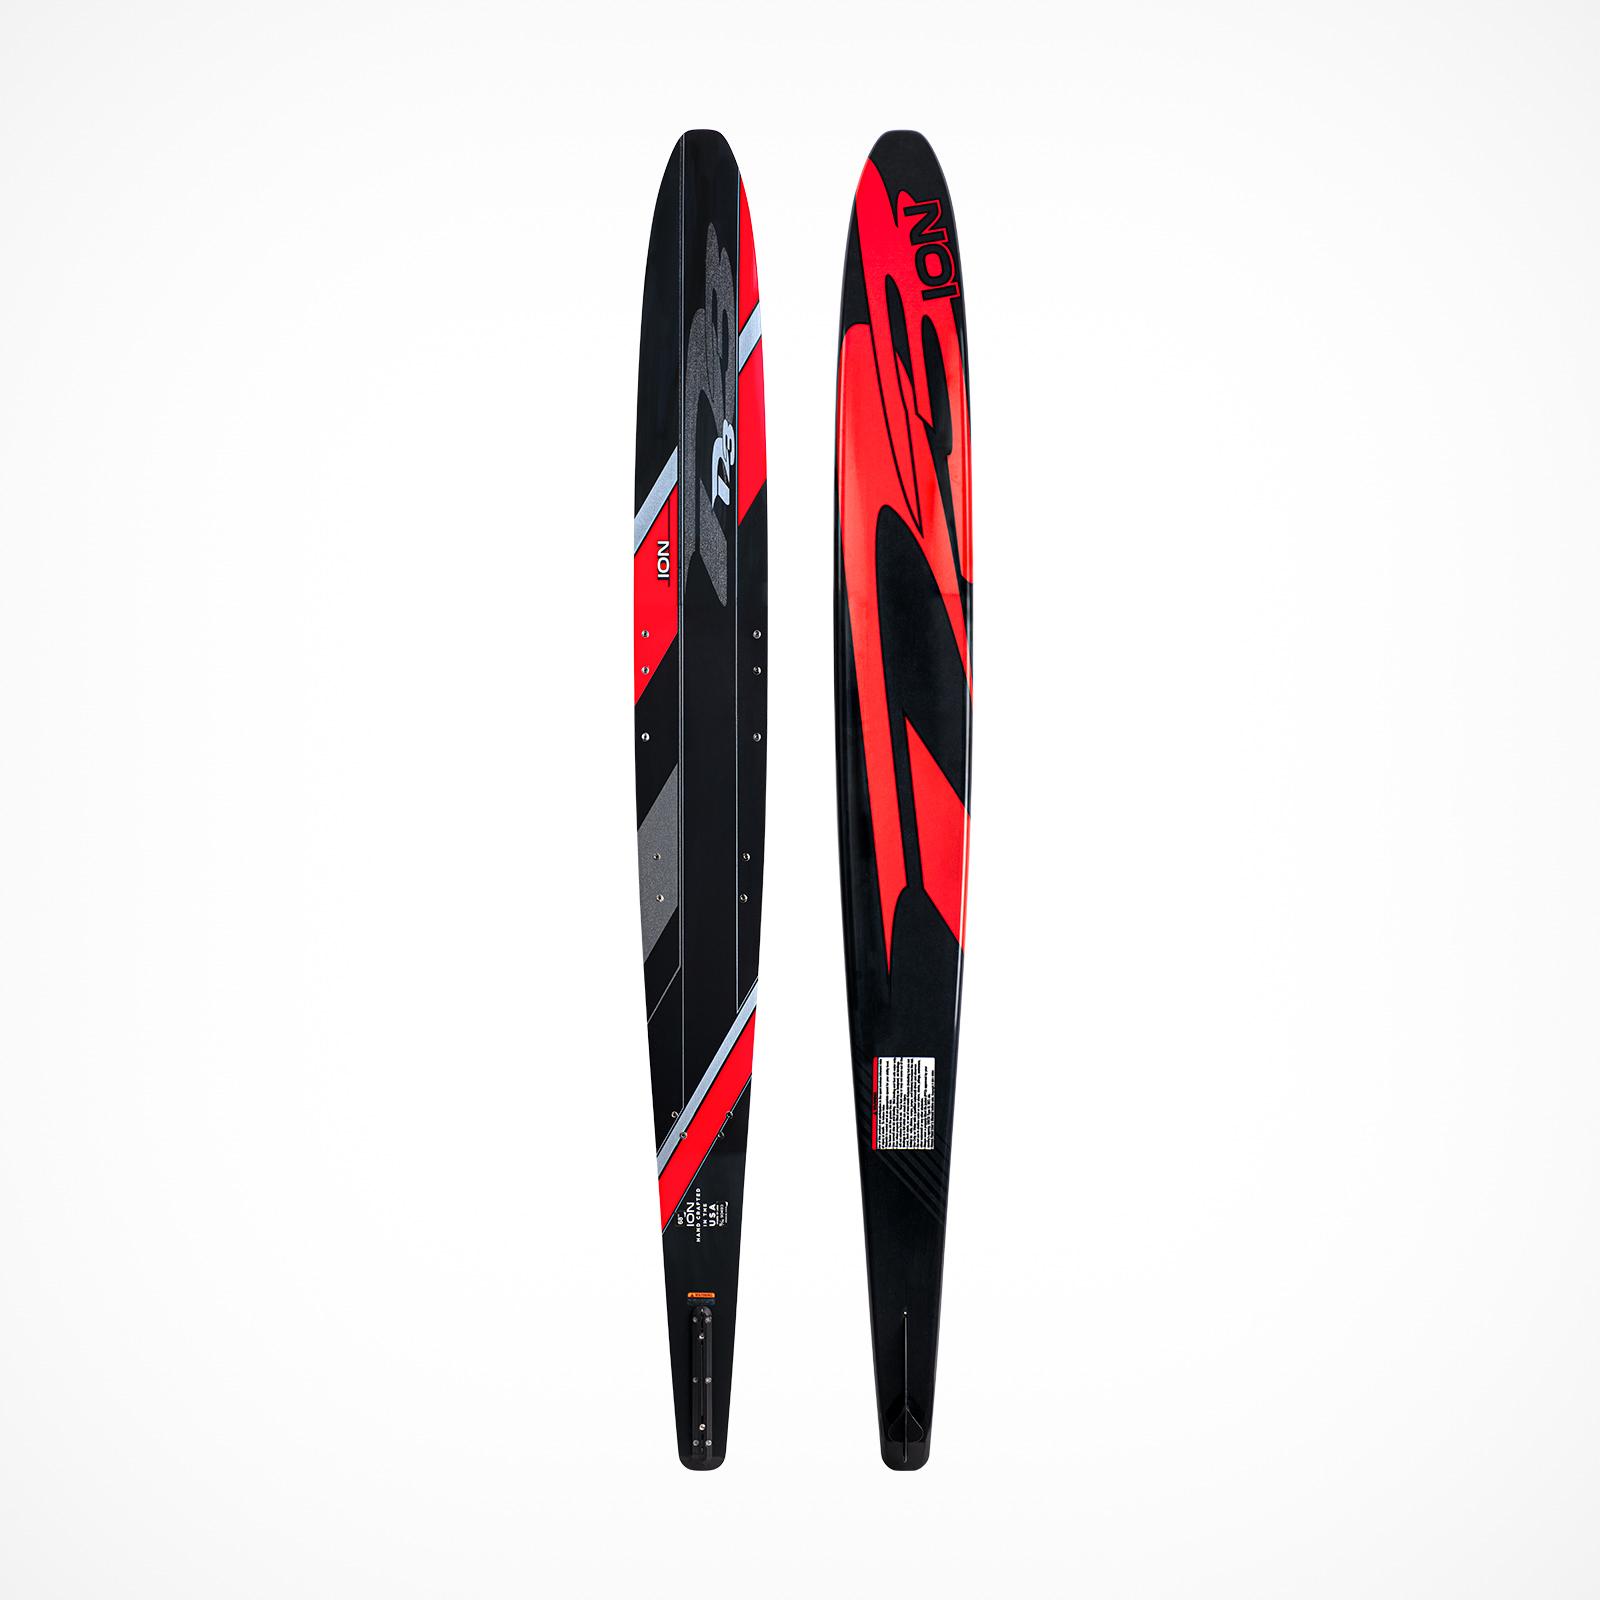 D3 Slalomski ION in red